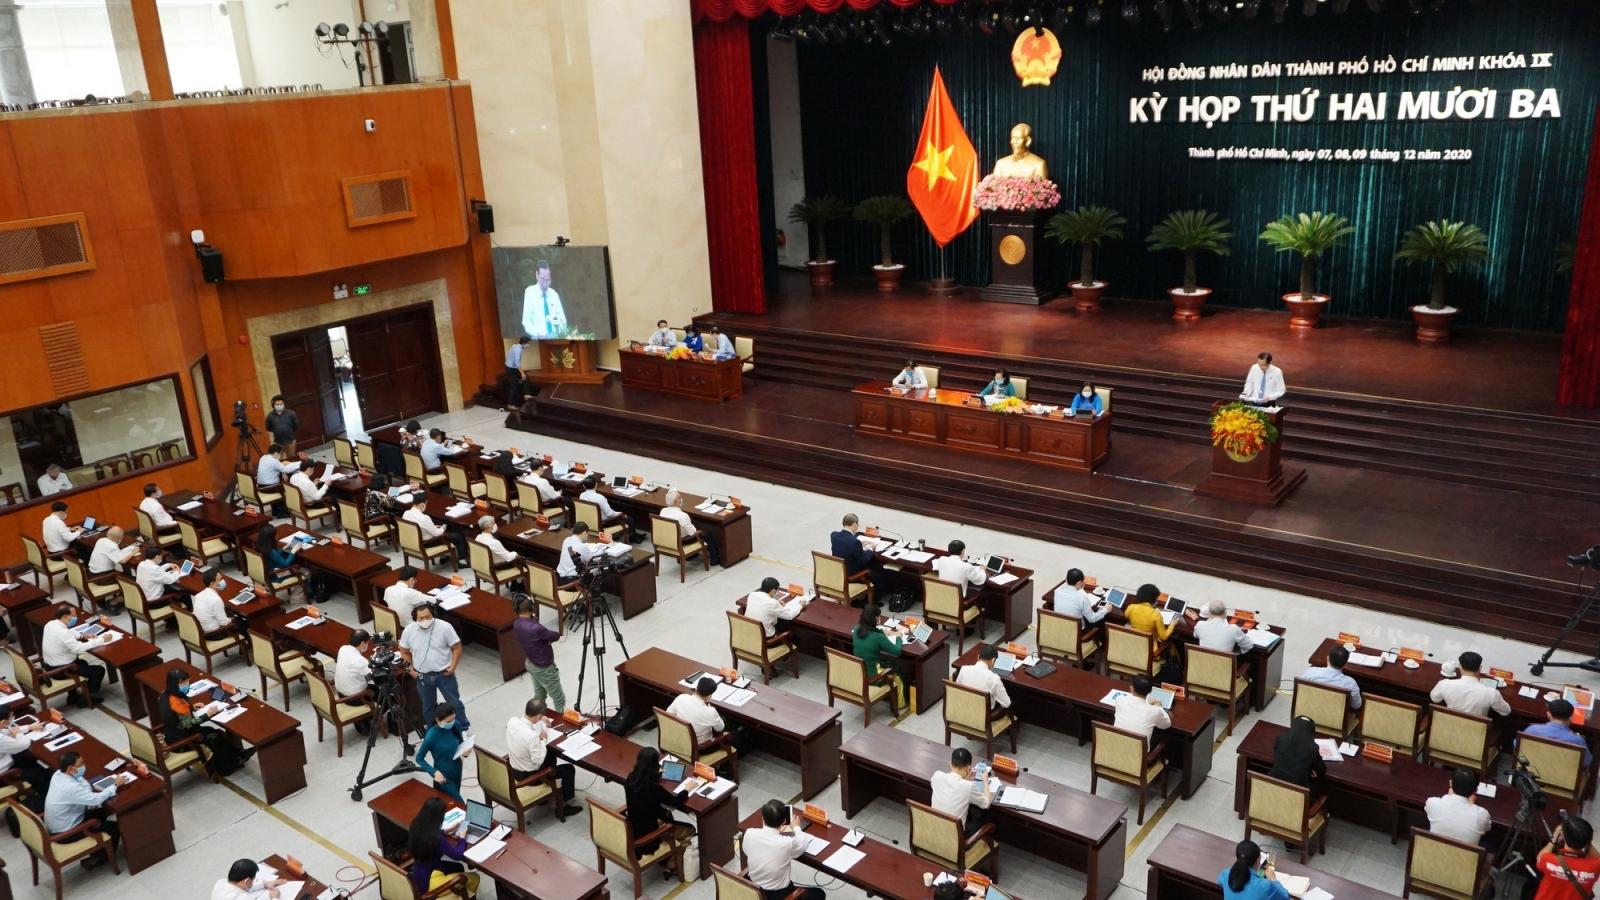 Kỳ họp thứ 23 HĐND TPHCM: Sẽ chất vấn Chủ tịch Thành phố